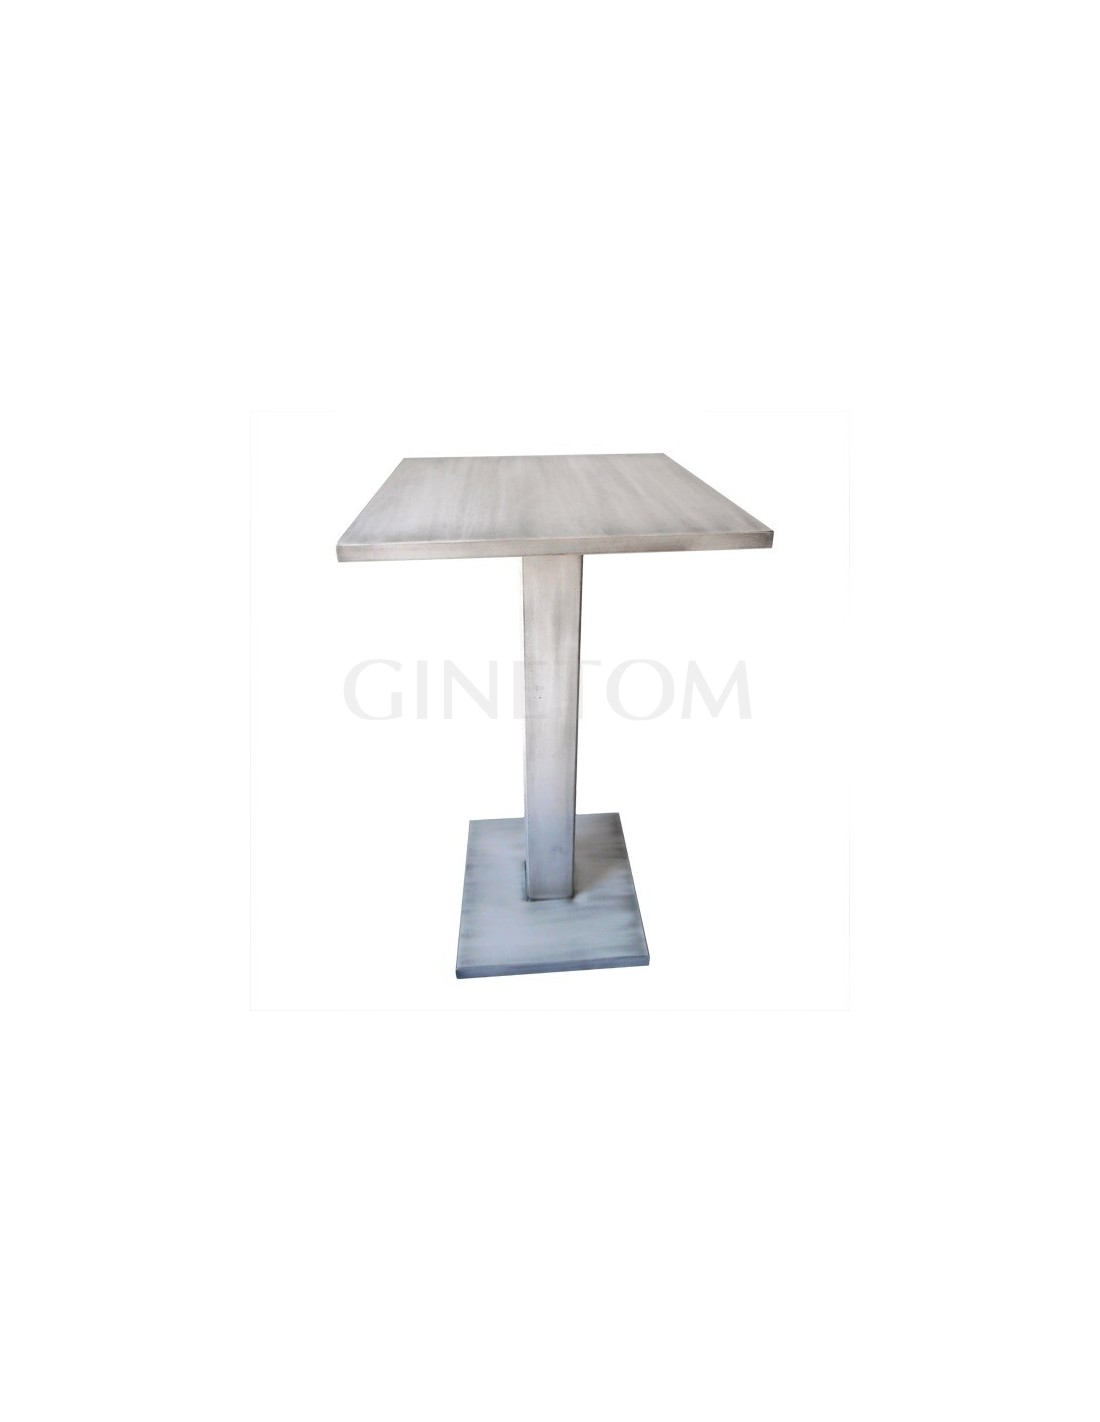 Mesas de madera alta ref 852 mesas hosteler a ginetom - Mesas para hosteleria ...